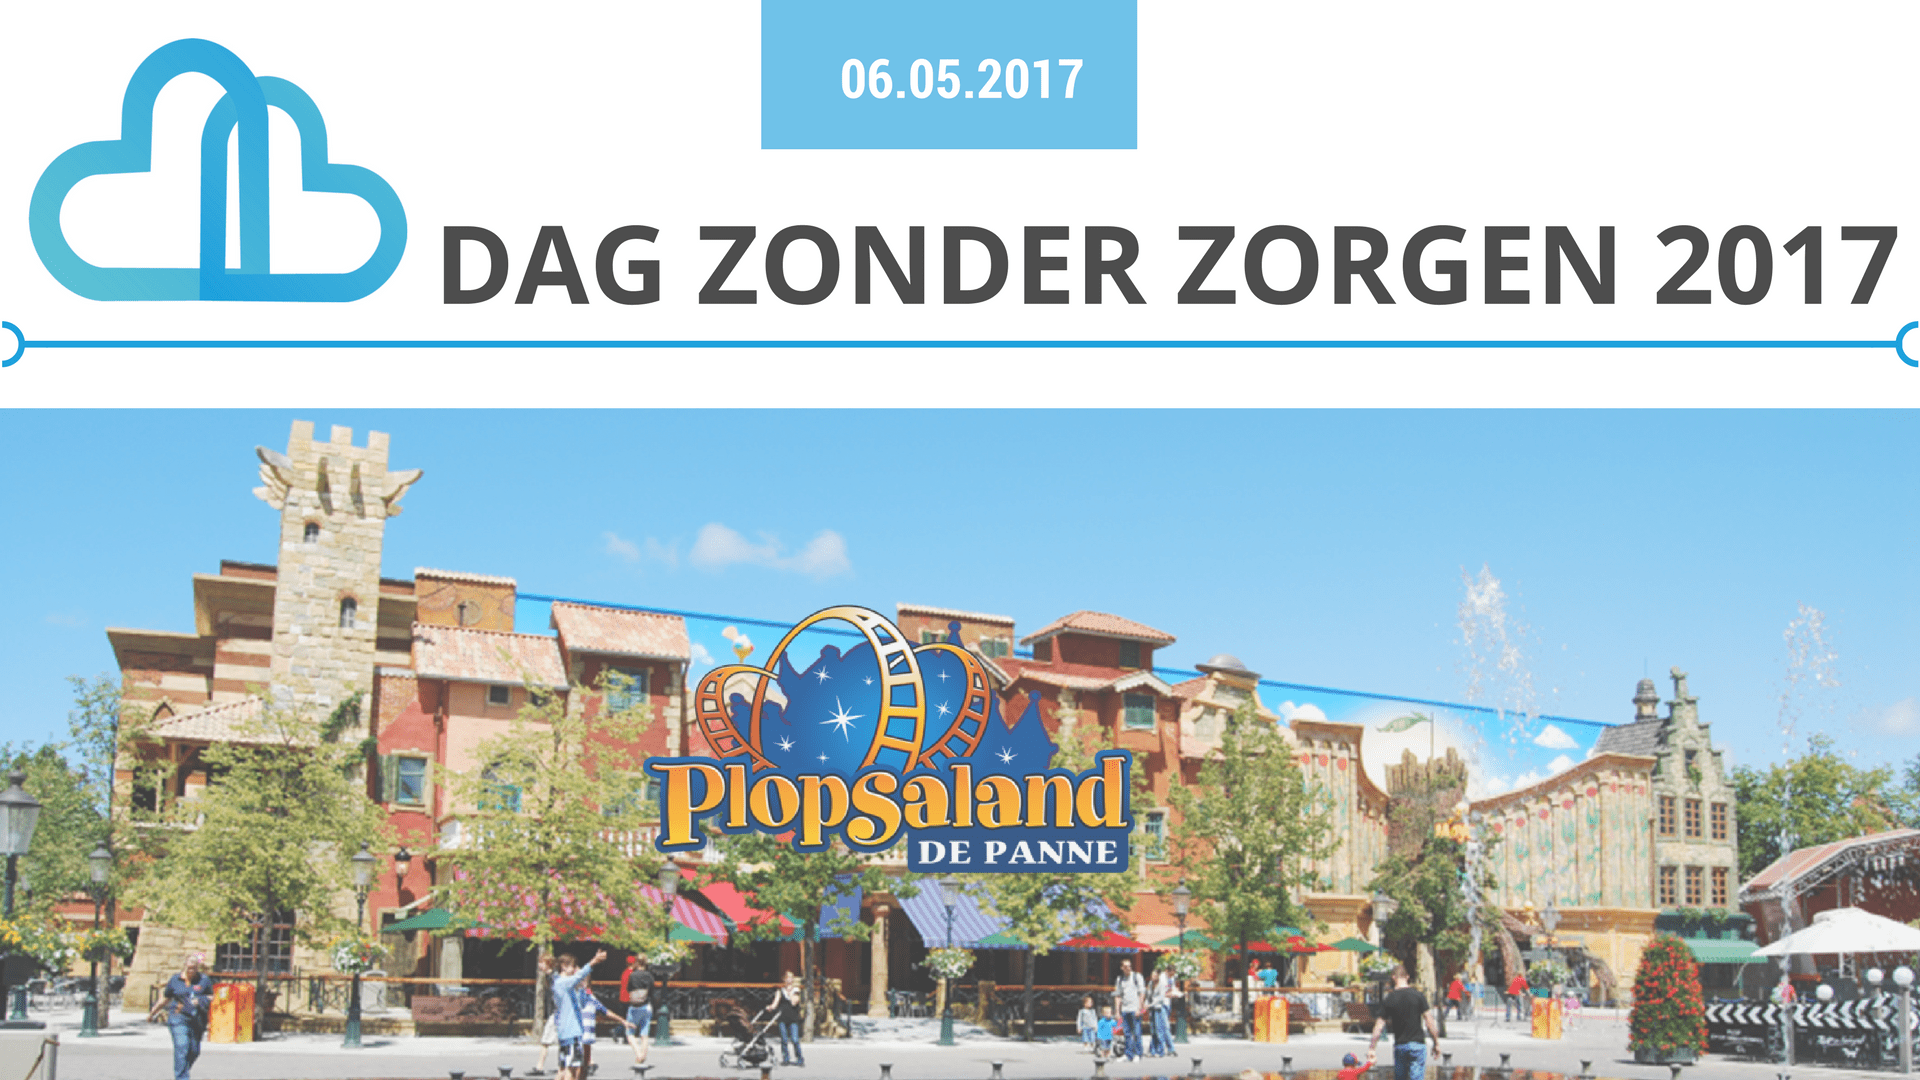 Stichting Dag Zonder Zorgen